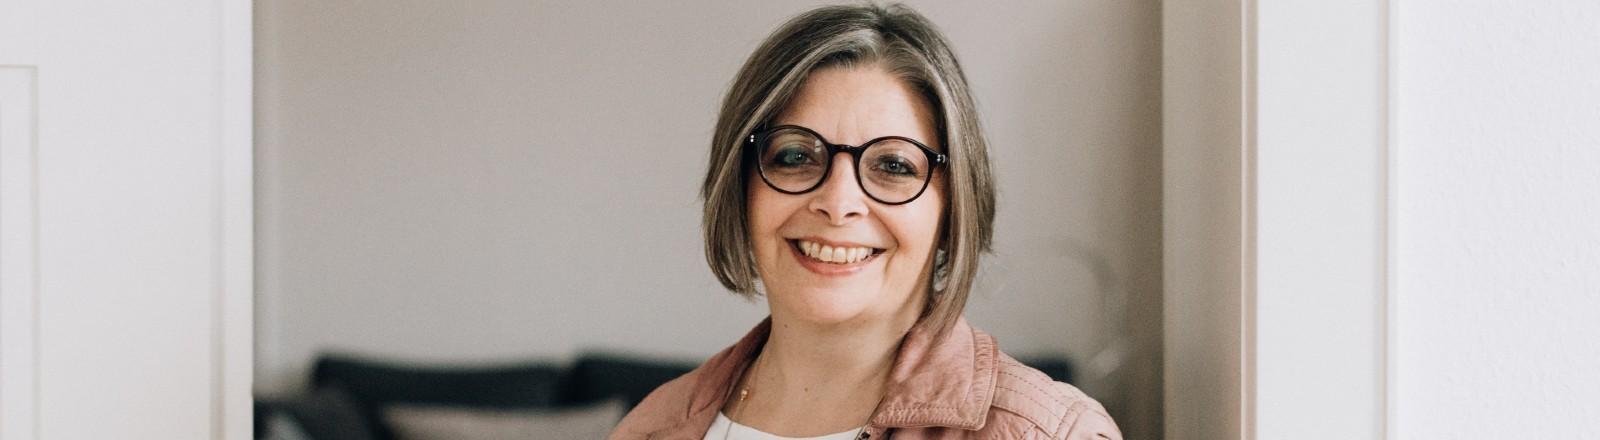 Emotionscoachin  Annette Bauer